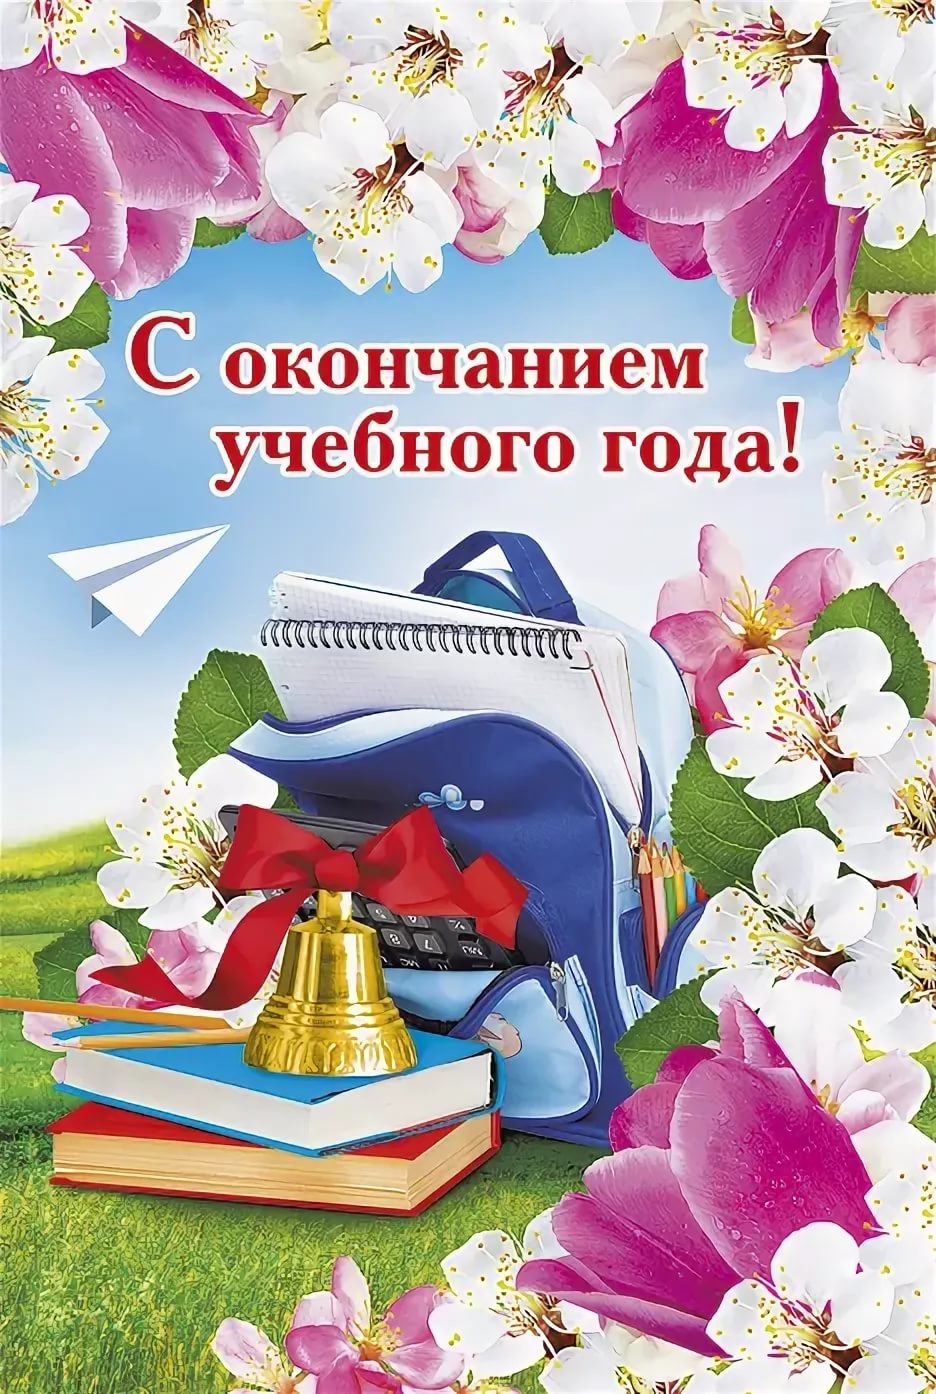 С окончанием учебного года картинки прикольные для родителей, руслану